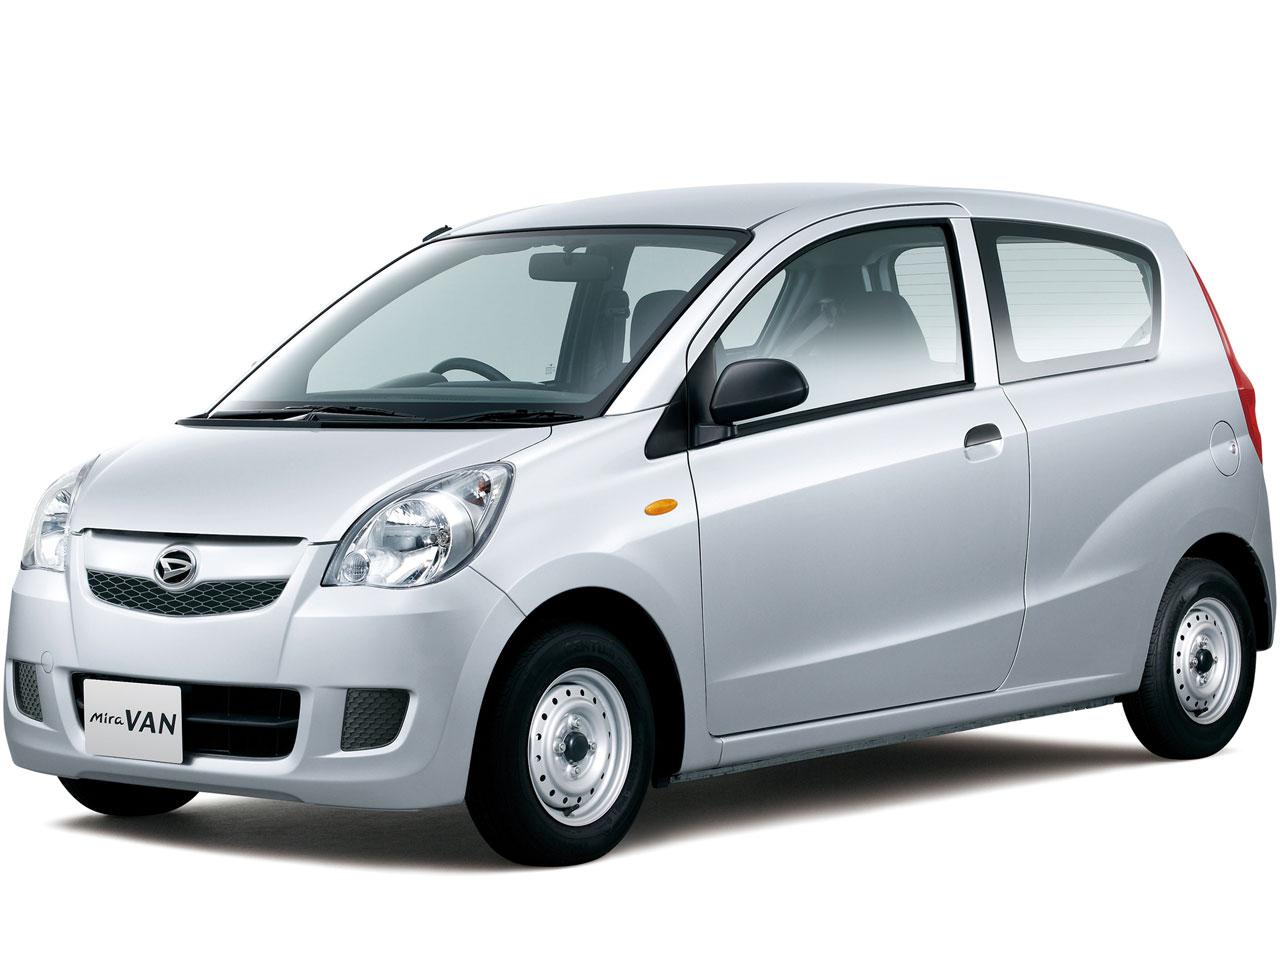 ダイハツ ミラ バン 商用車 2006年モデル 新車画像